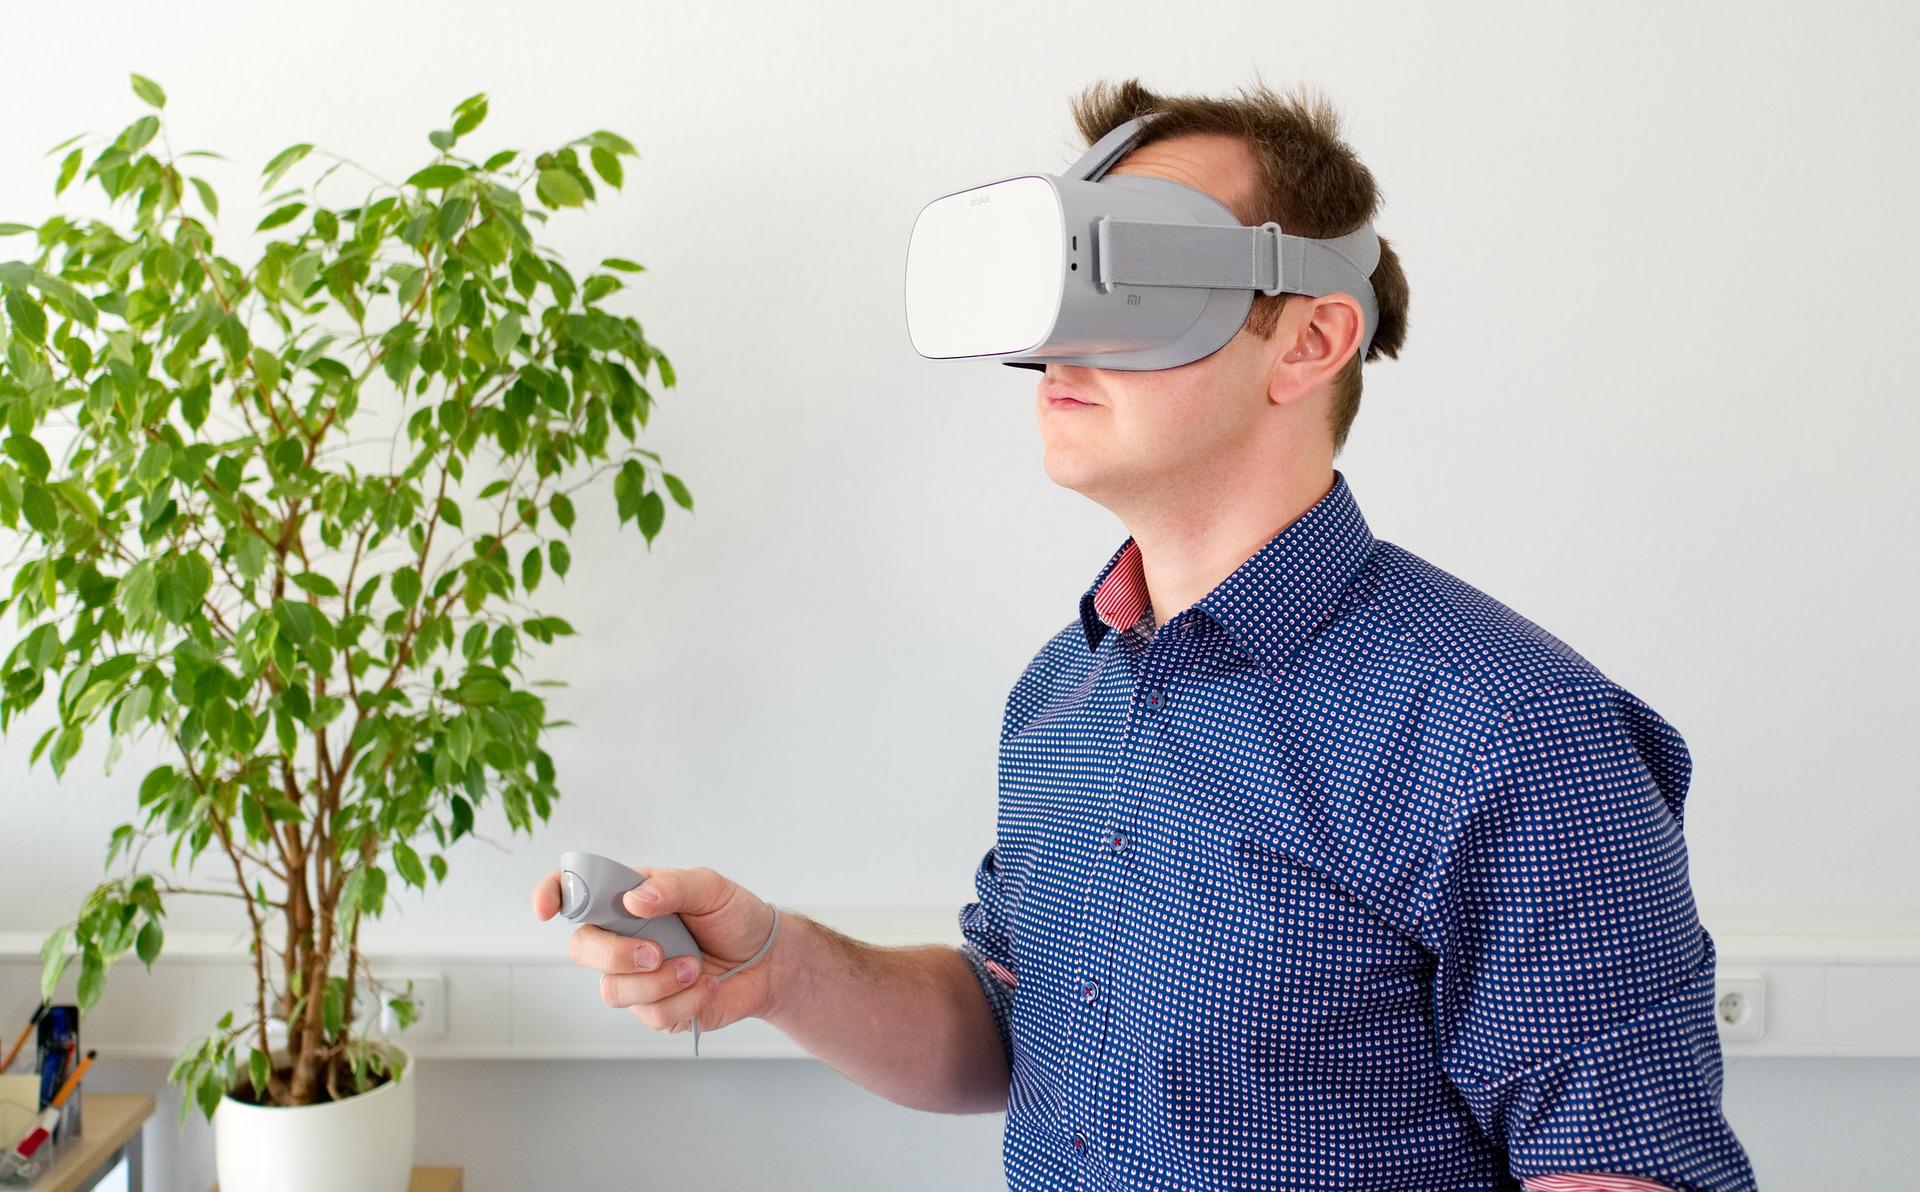 Imagem mostra um hondomem usaóculos VR em uma sala.